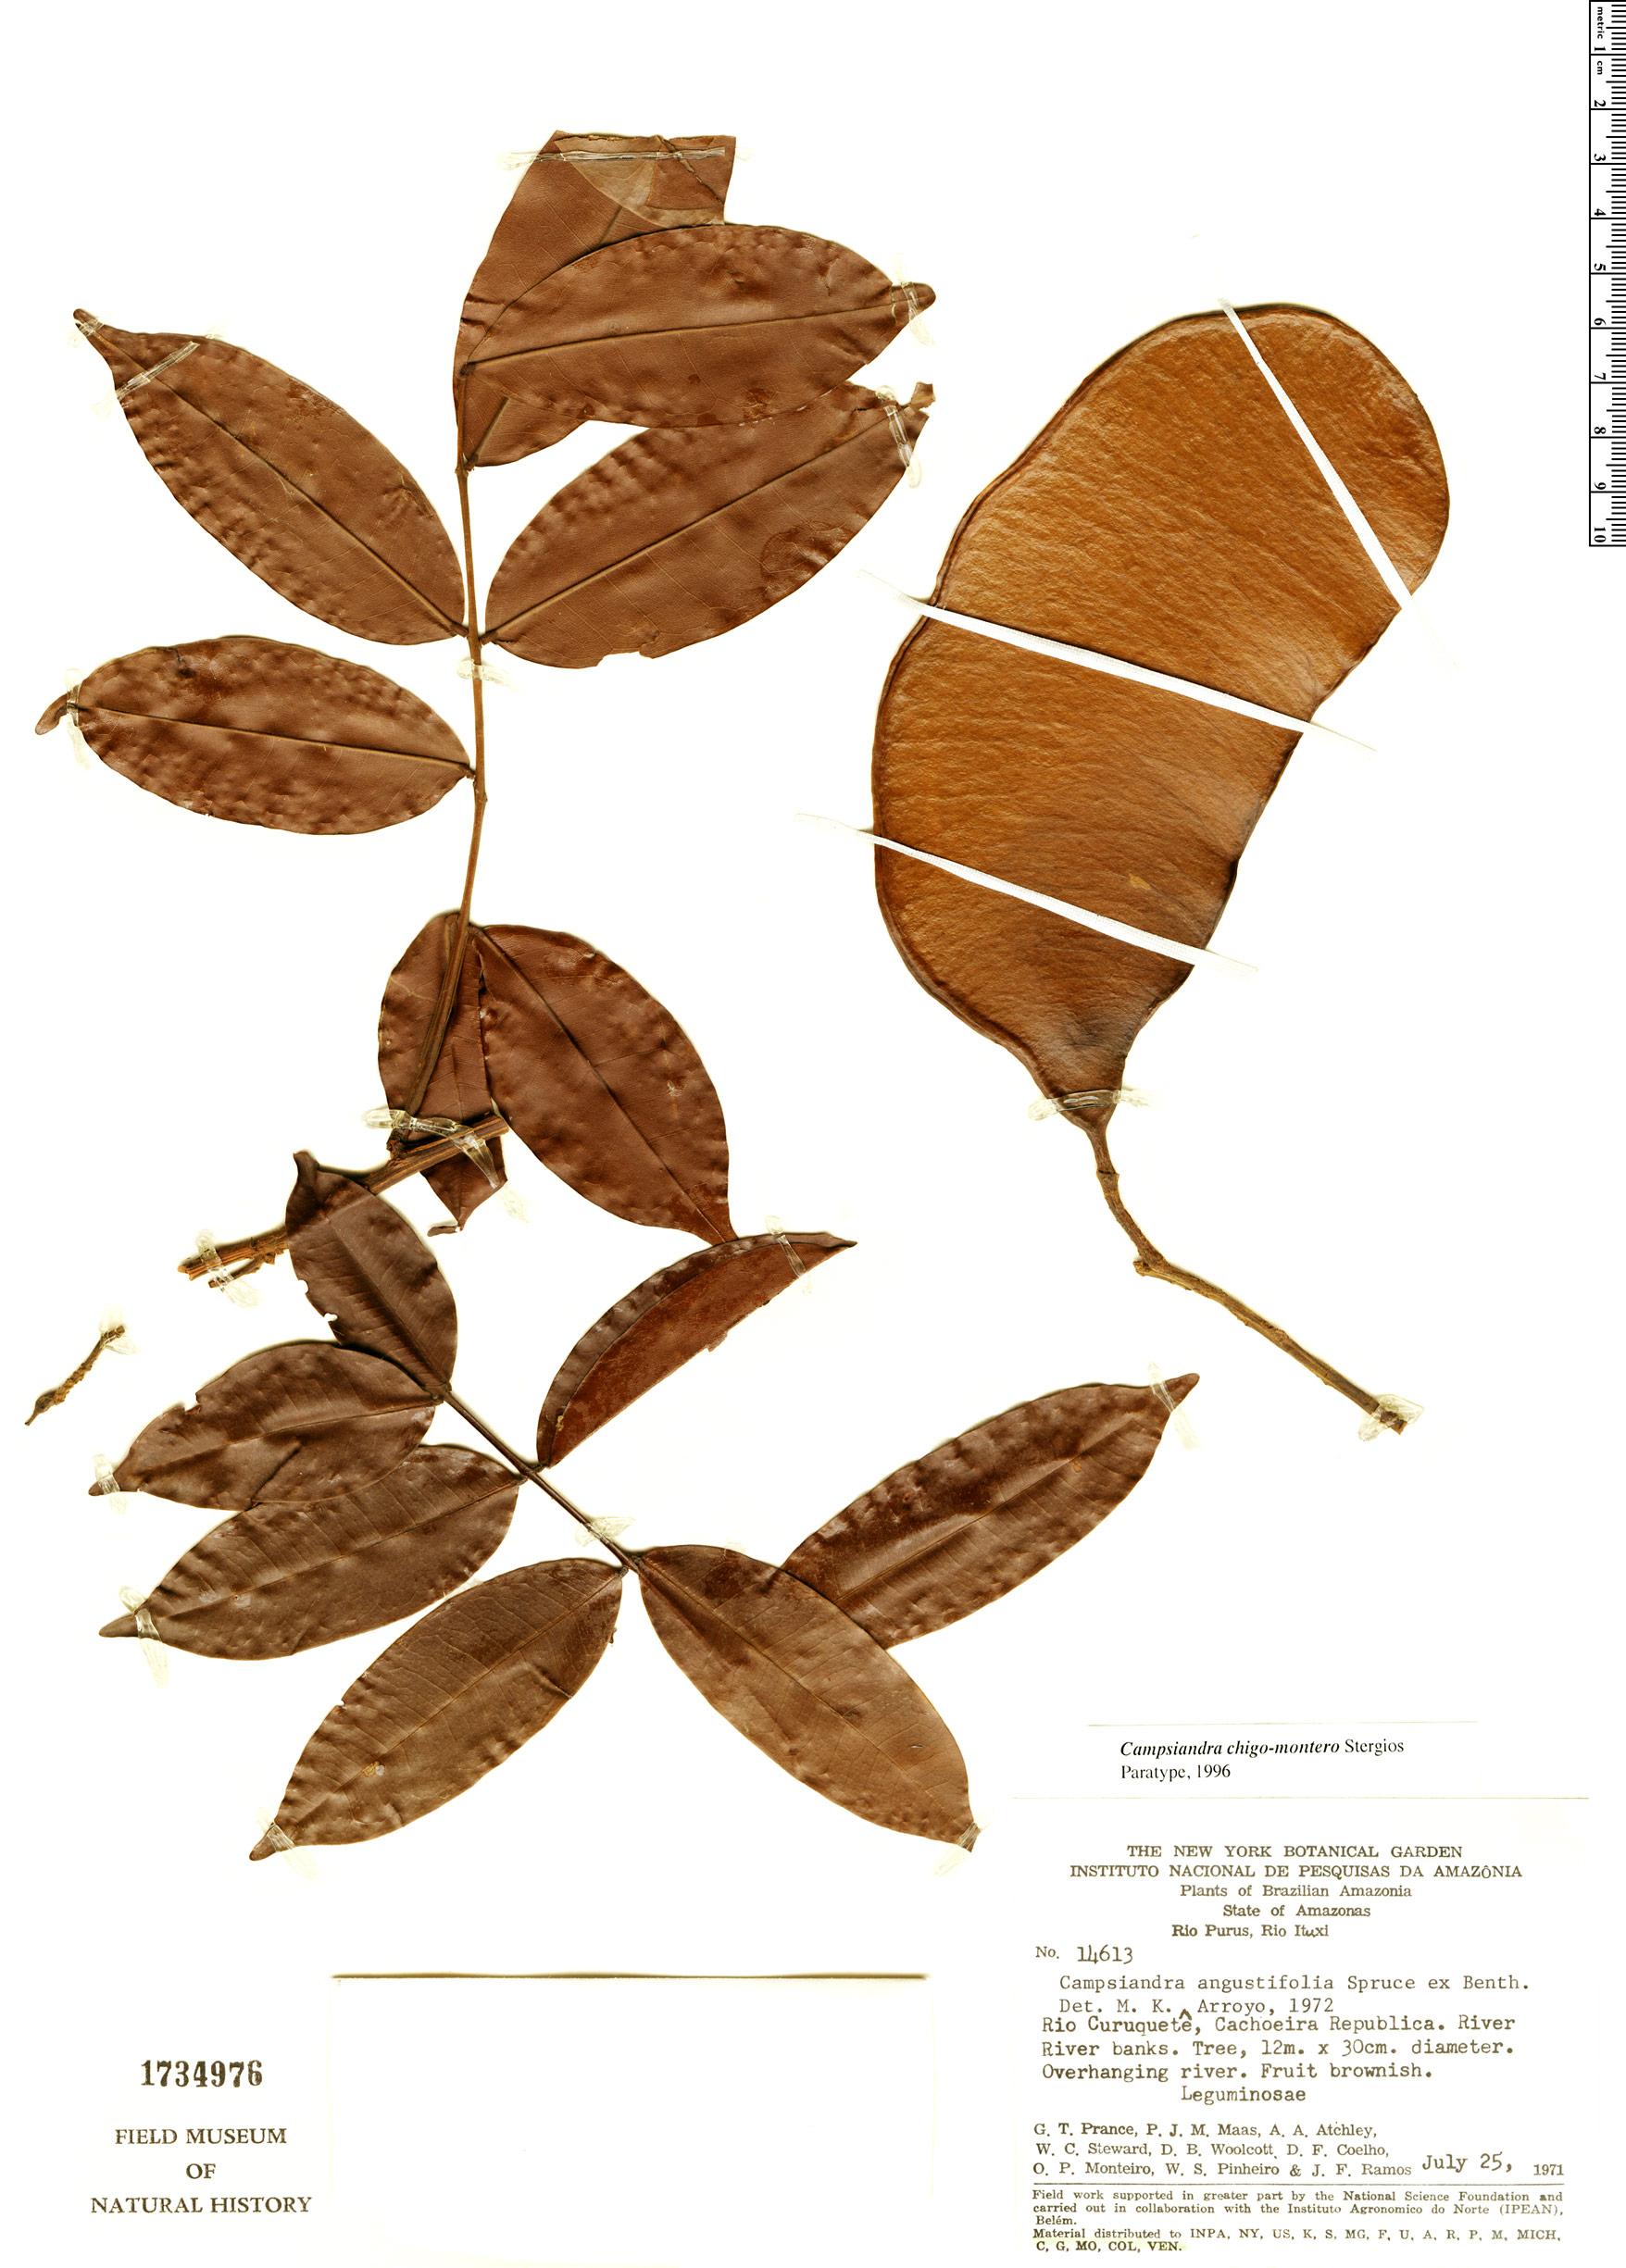 Specimen: Campsiandra chigo-montero